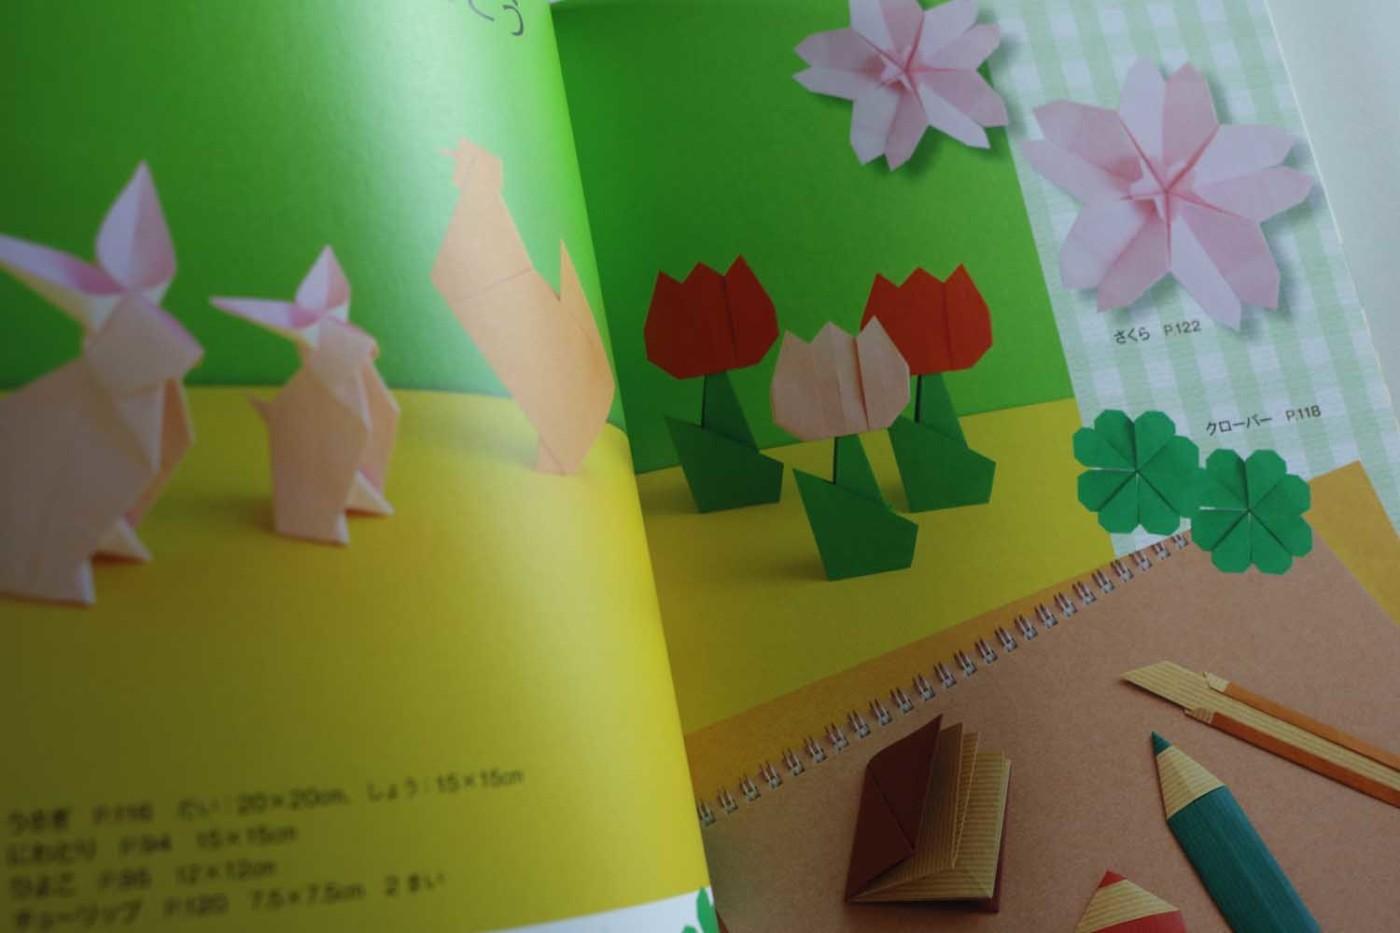 Tomoko Fuse Box